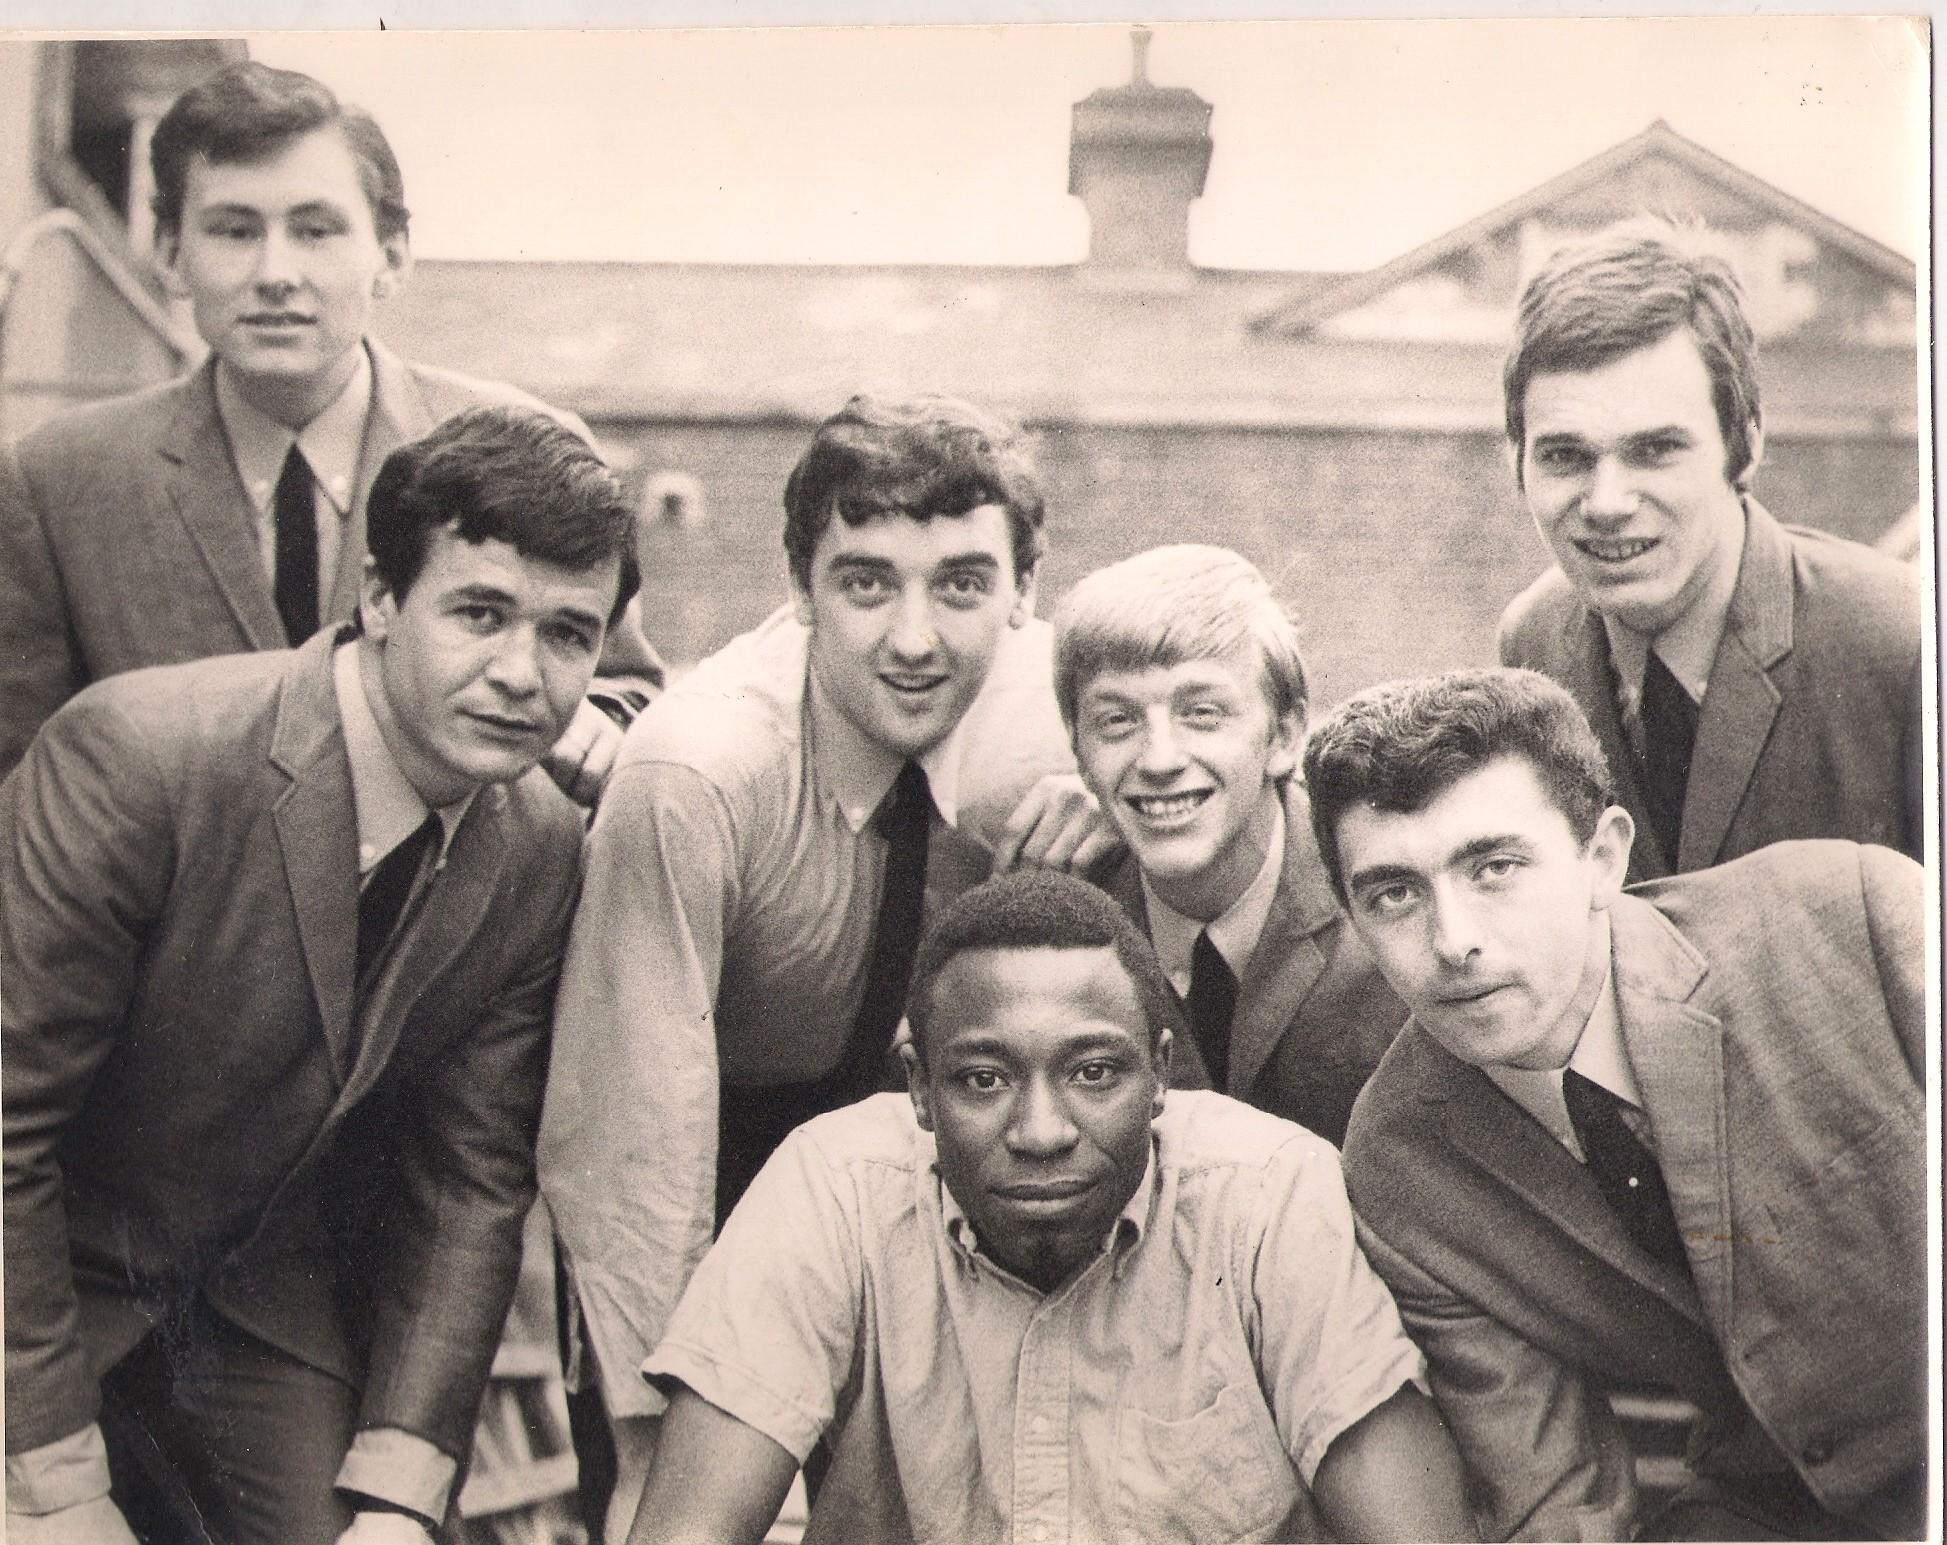 Geno Washington and The Ram Jam Band 1965-1967 | The Strange